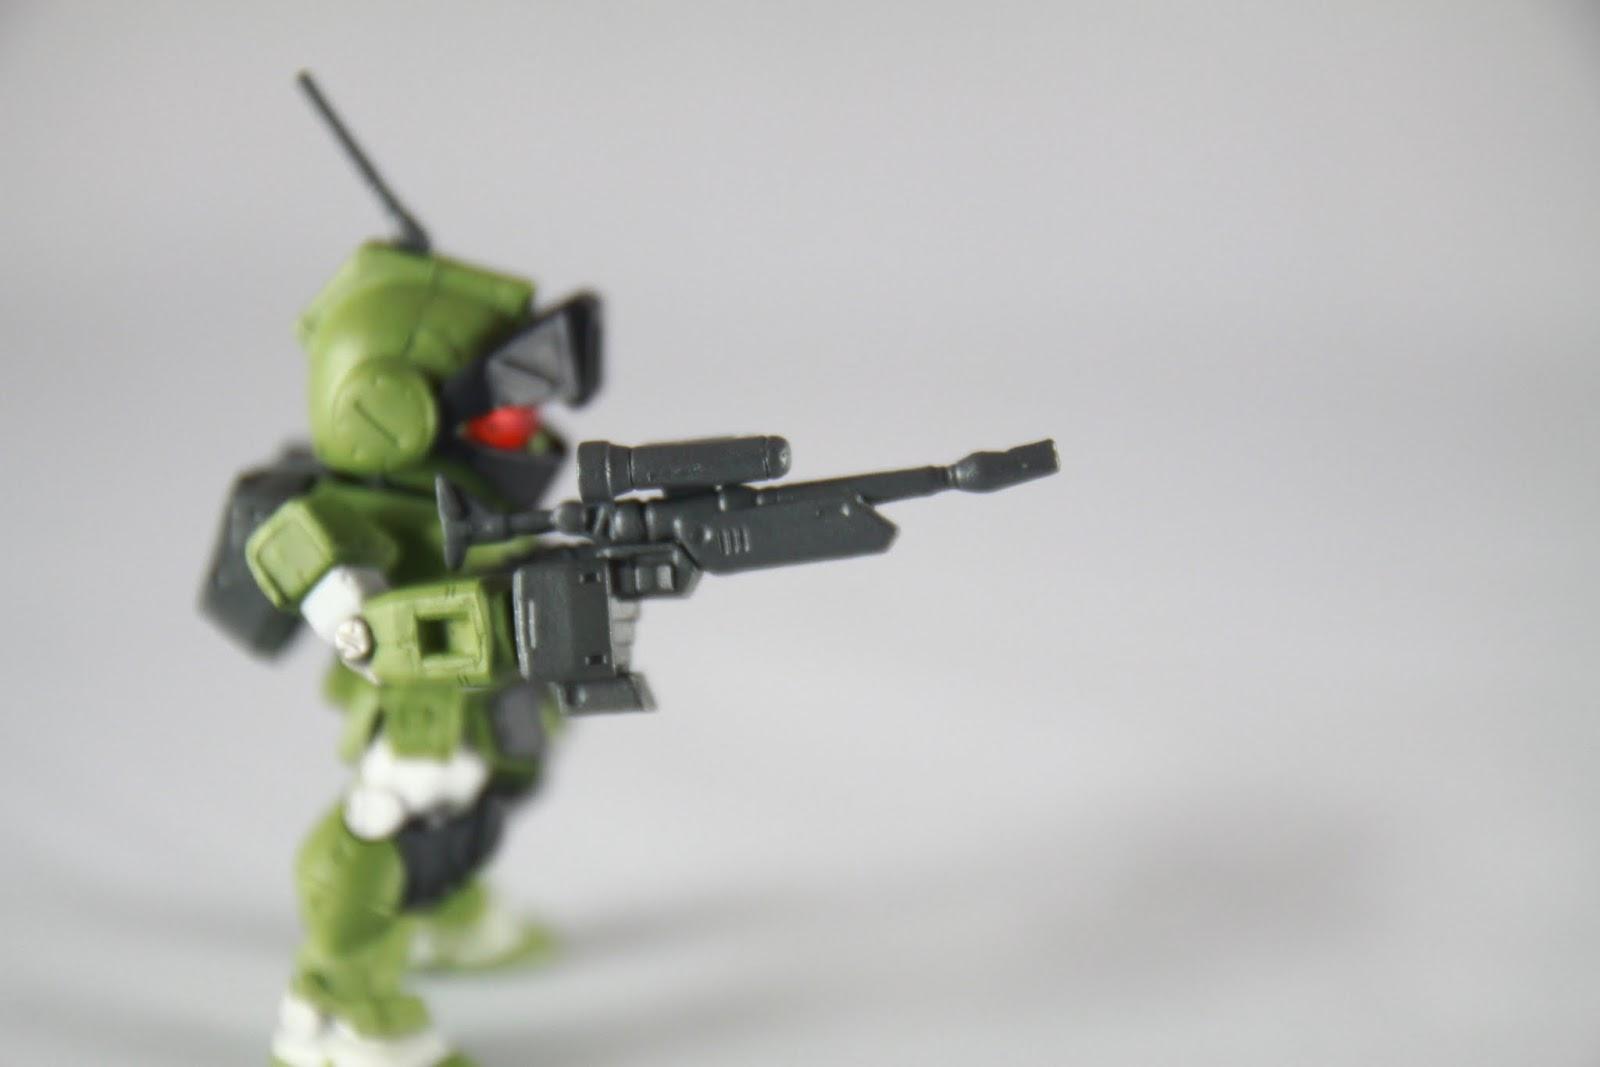 專用狙擊槍, 槍頭歪了